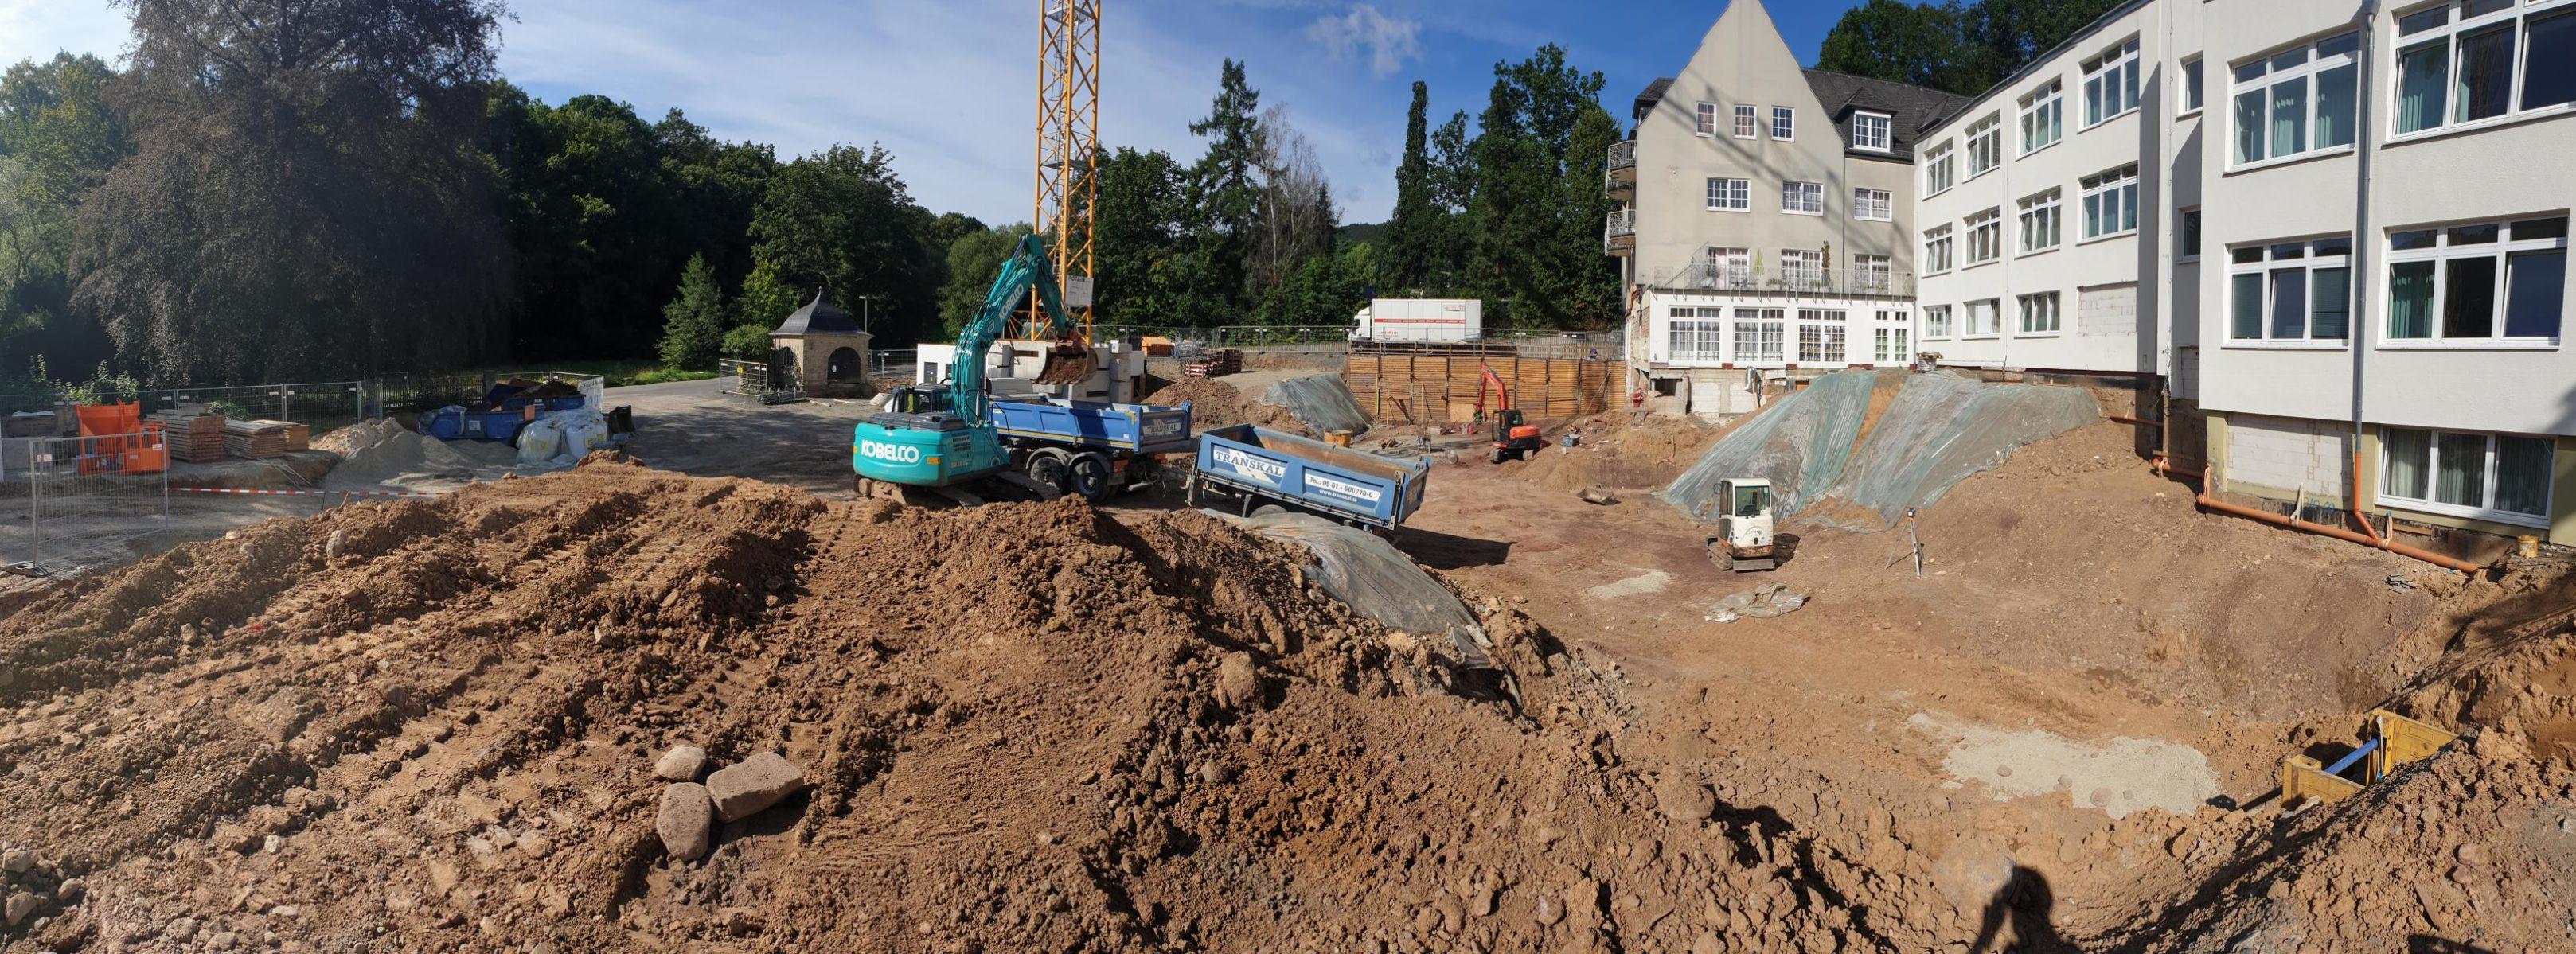 Elena-Klinik-Kassel-Aug.-2019-e1566289579359